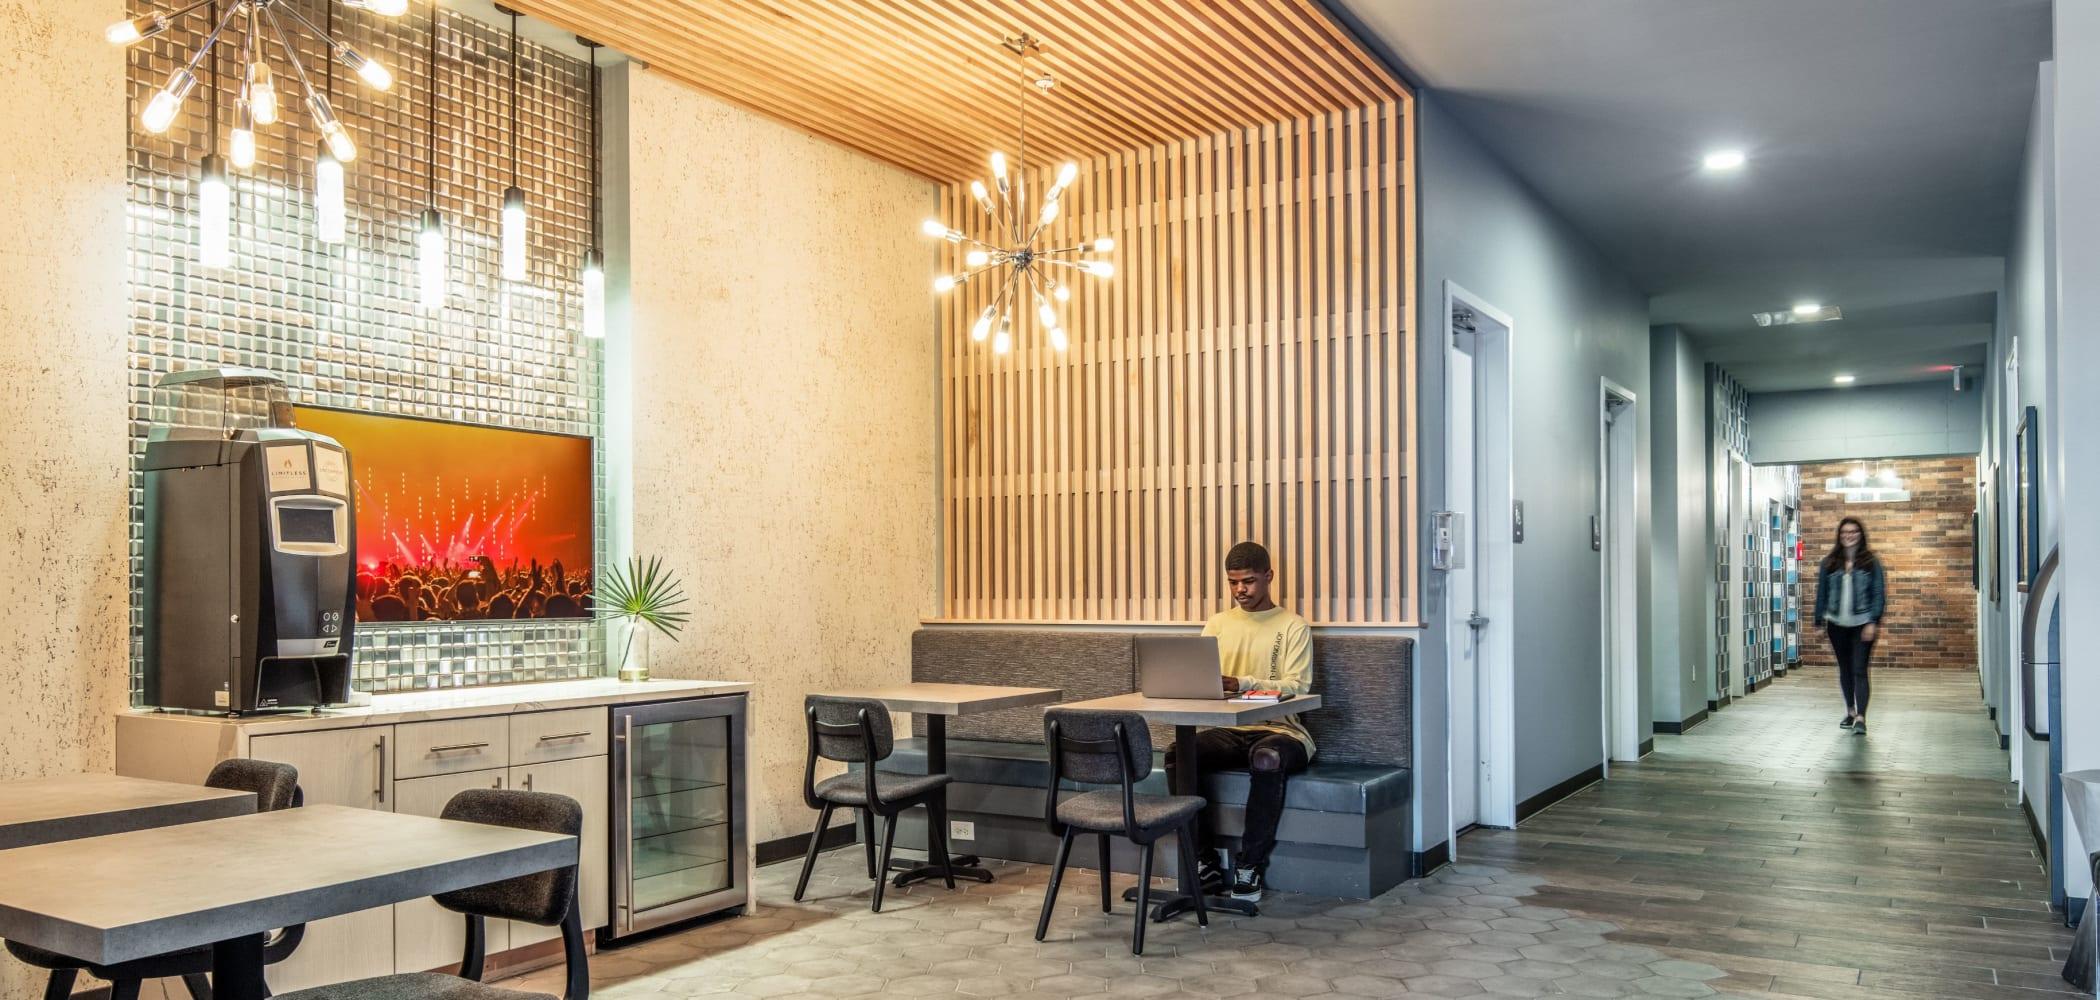 Cafe area at UNCOMMON Columbus in Columbus, Ohio